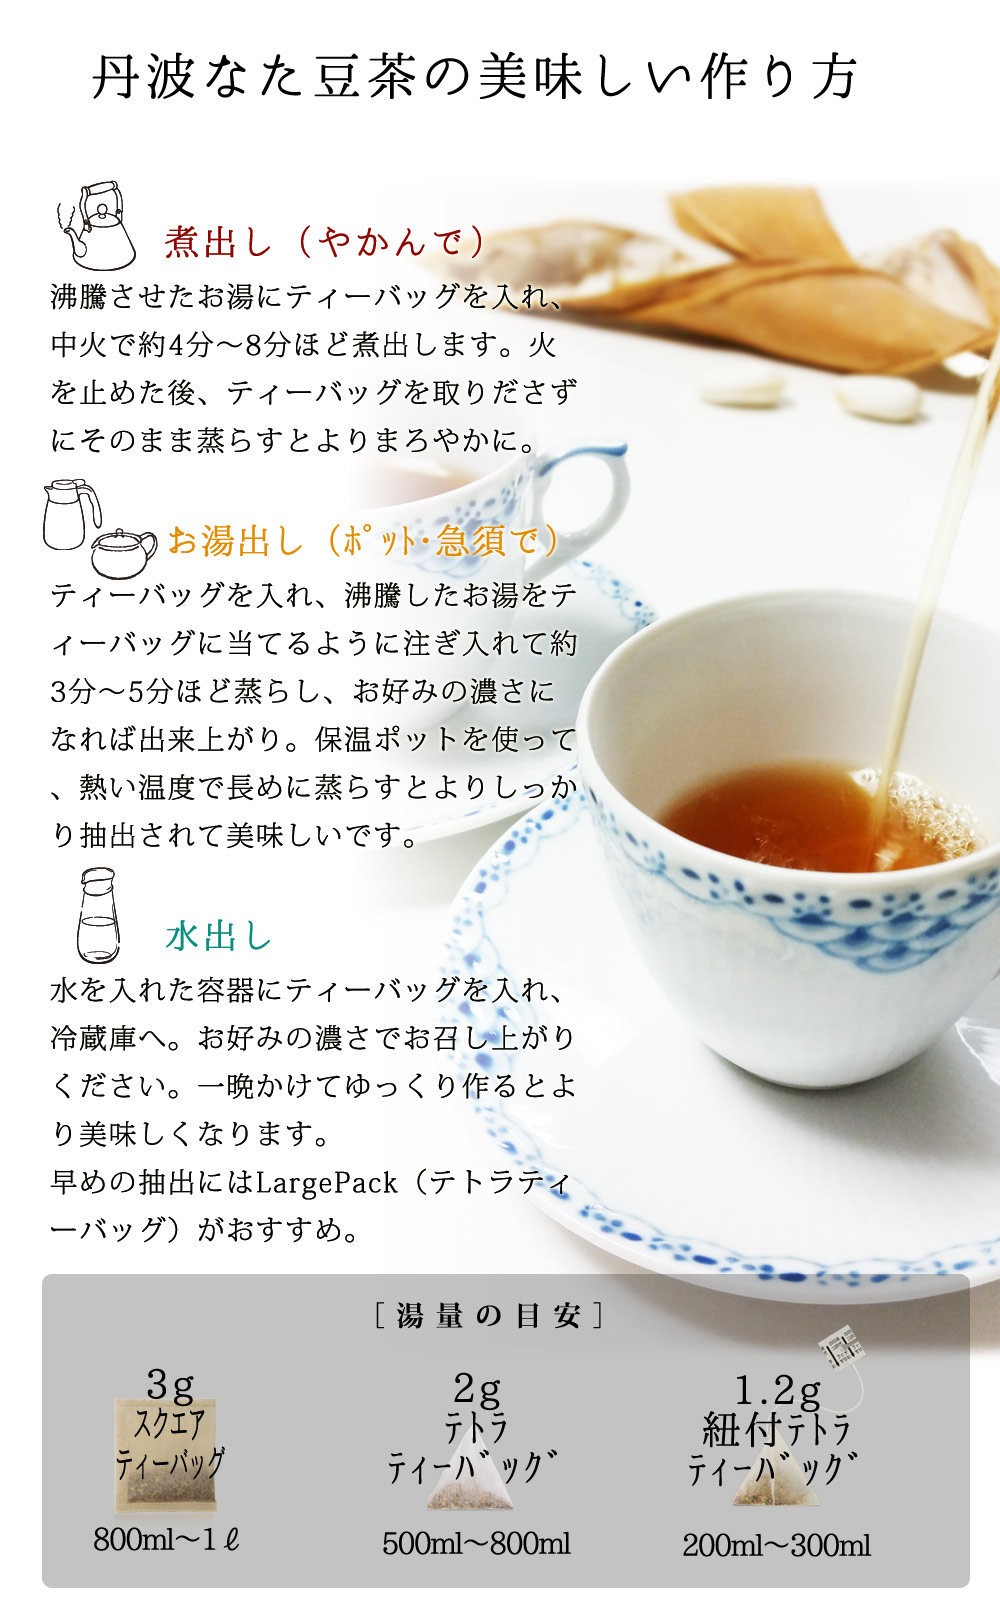 な た 豆 茶 効能 なた豆茶の効果・効能・副作用|選び方のコツとおすすめの飲み方まと...